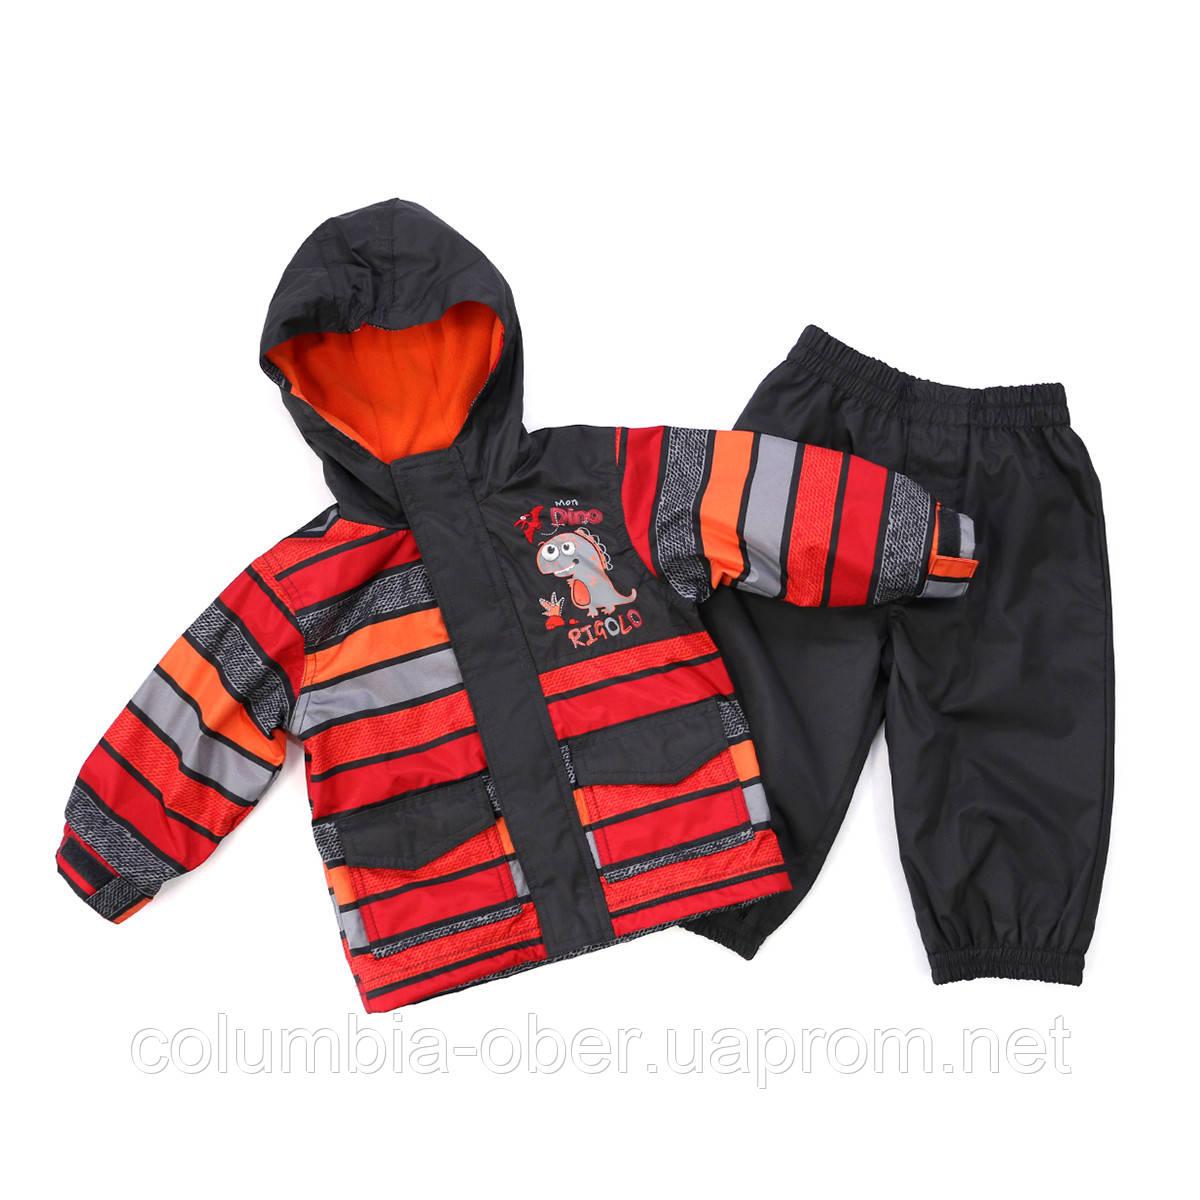 Демисезонный костюм для мальчика Peluche 11 M S17 Frost Grey. Размеры 85 и 96.